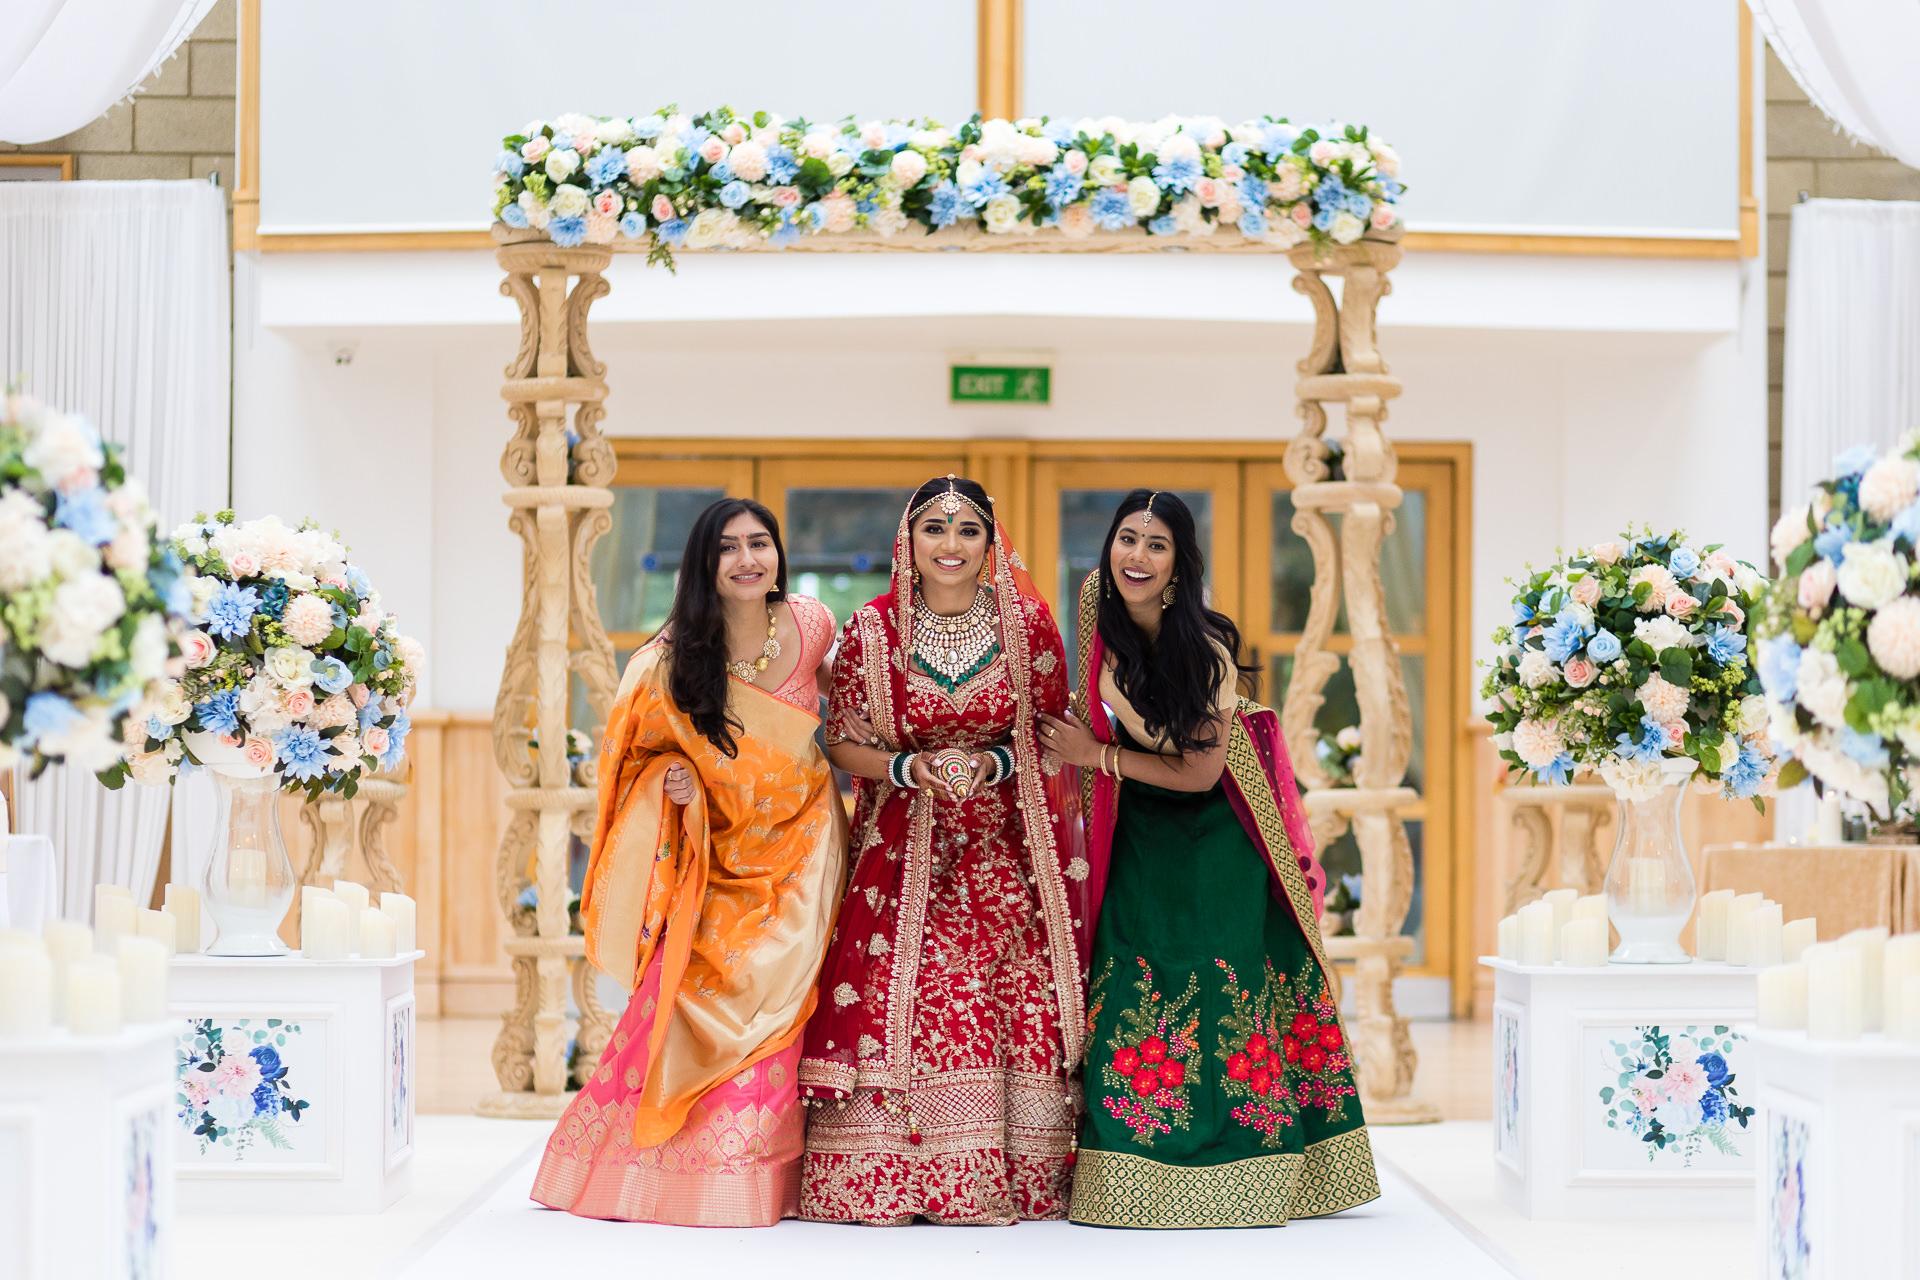 Hindu wedding bride arrival